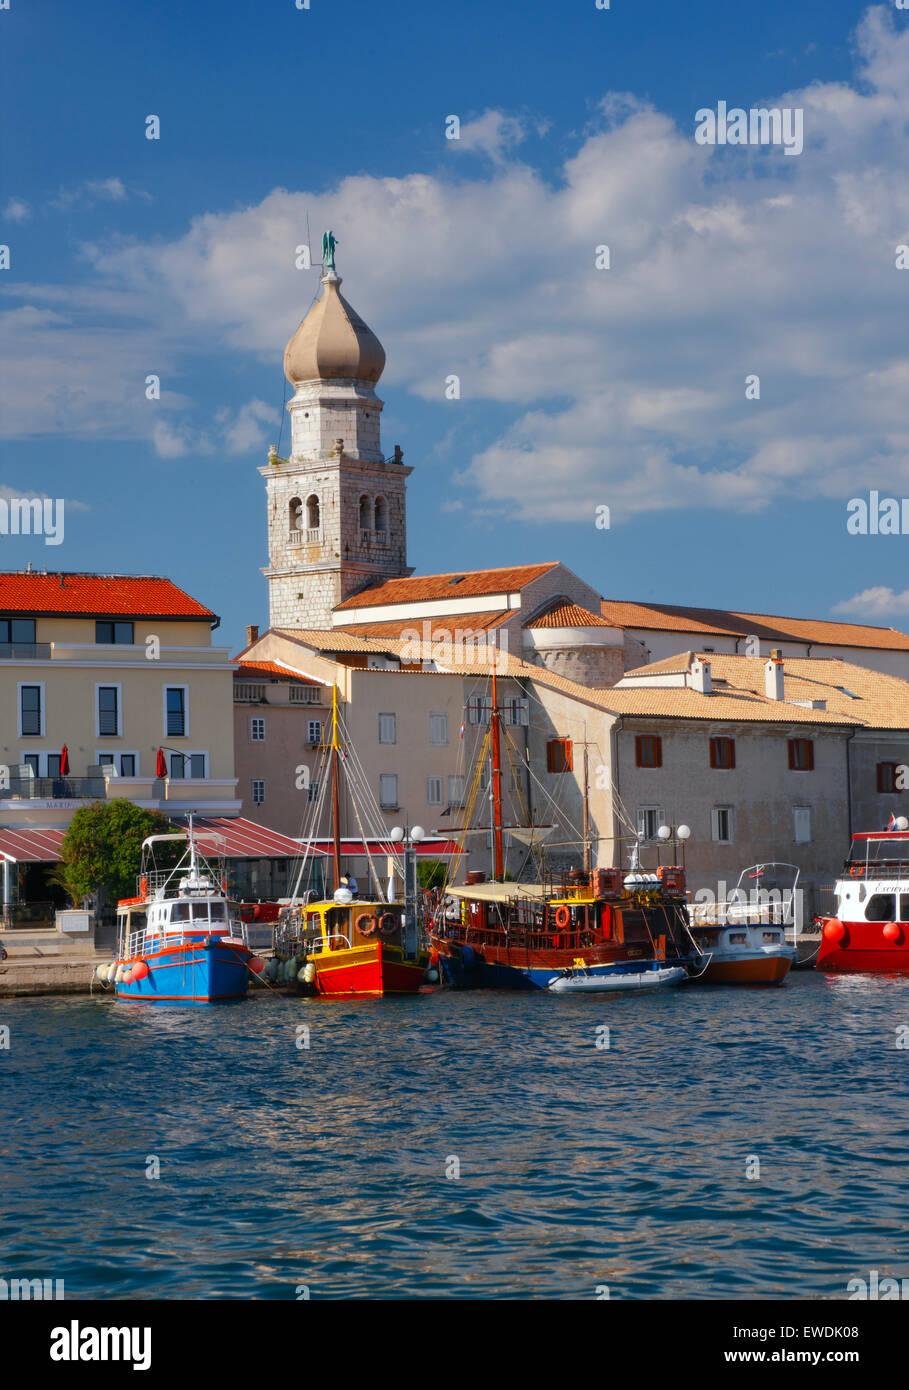 Insel Krk alte Stadt am Wasser. Insel Krk in Kroatien Stockbild